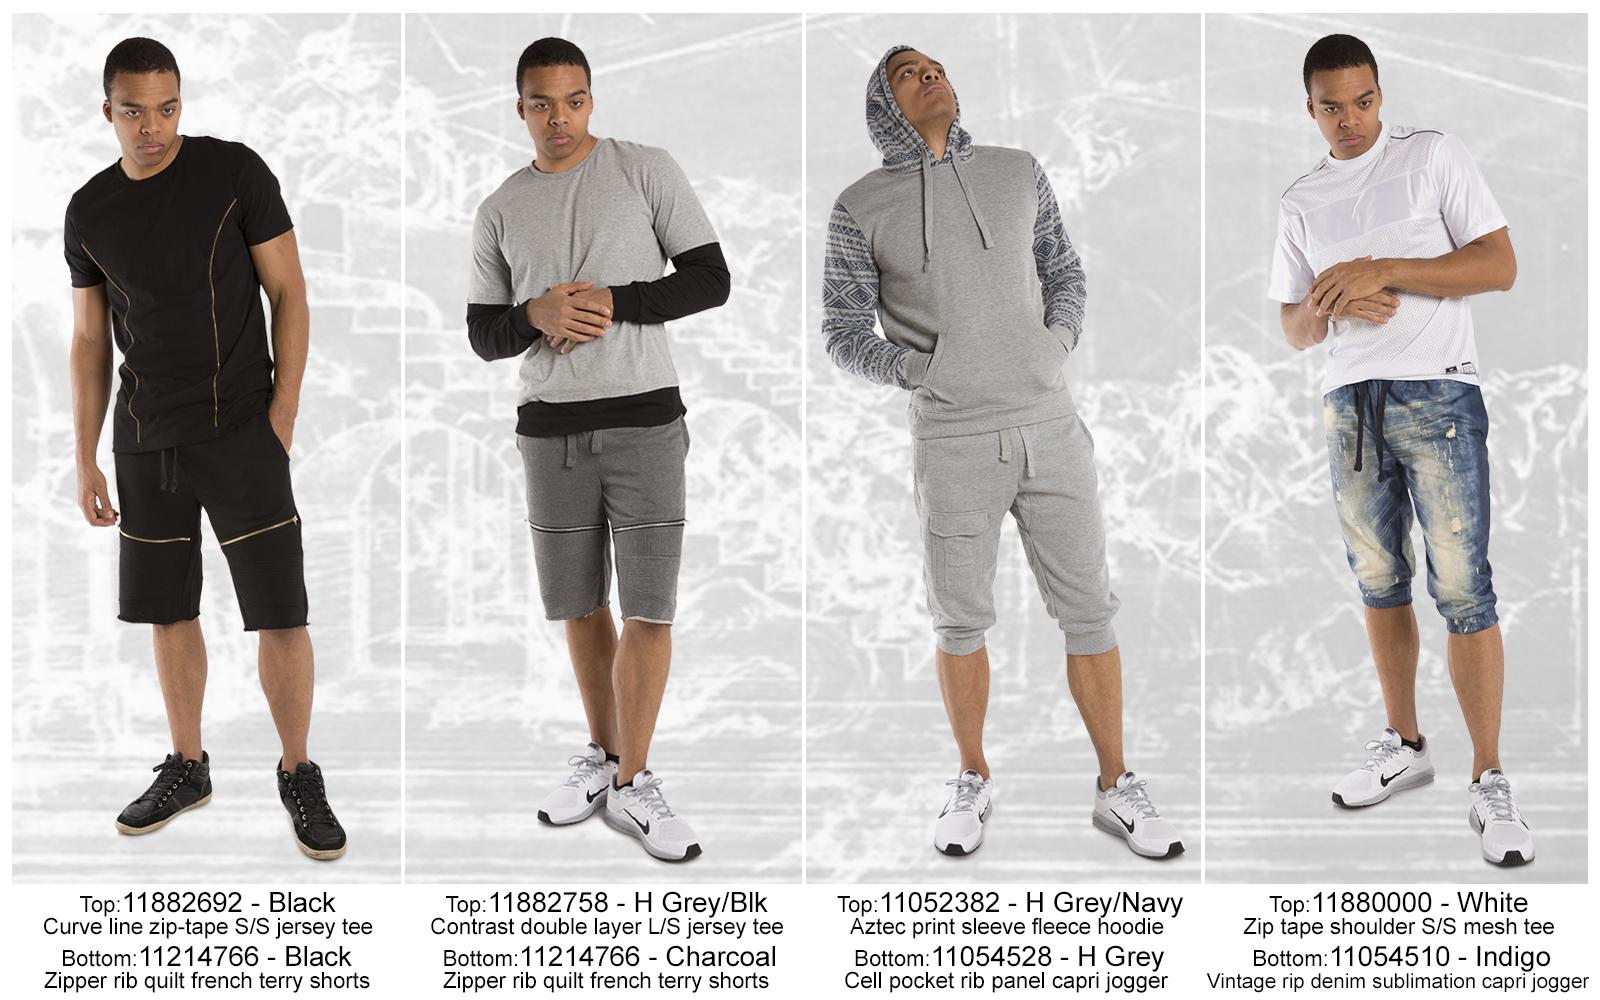 Tops-Shorts-2692-4766-2758-2382-4528-4510